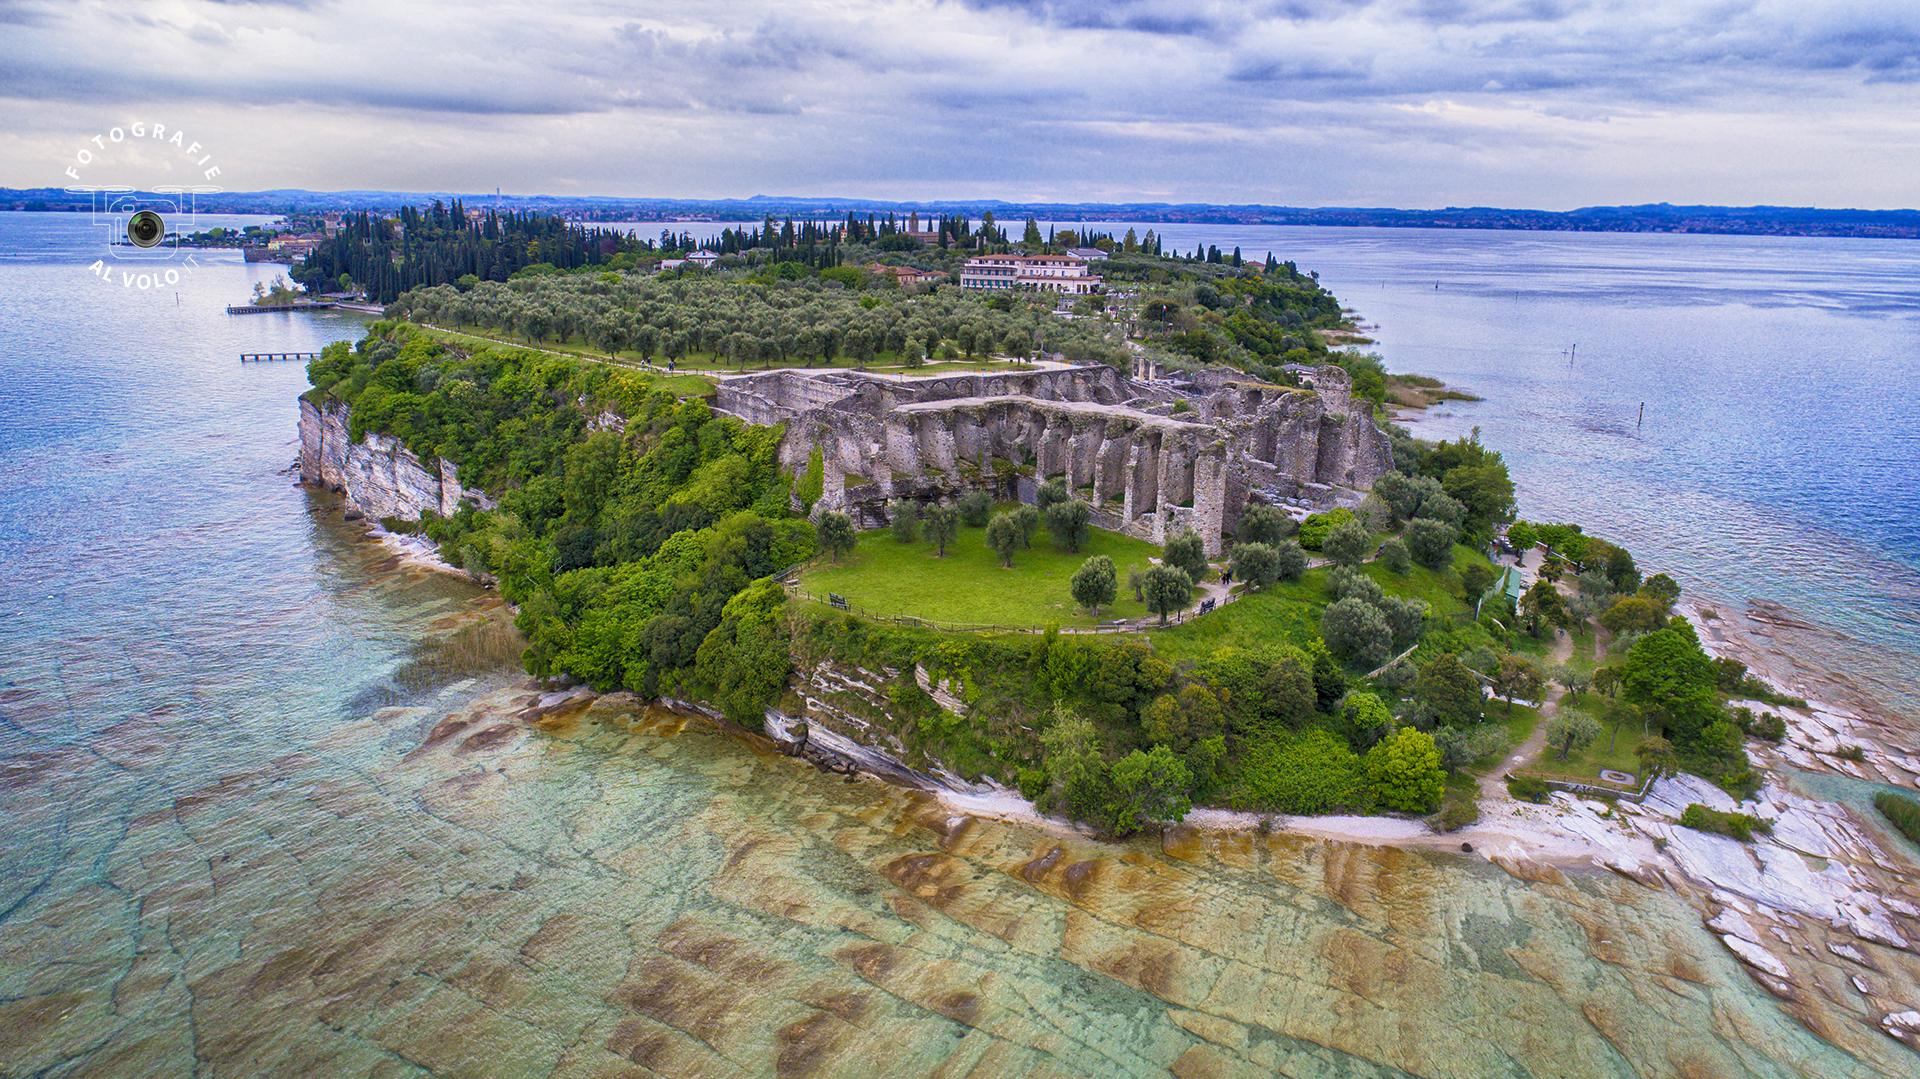 Fotografie Al Volo! Riprese aeree con drone - Sirmione - Grotte di Catullo - Lago di Garda - Tobia Fattori